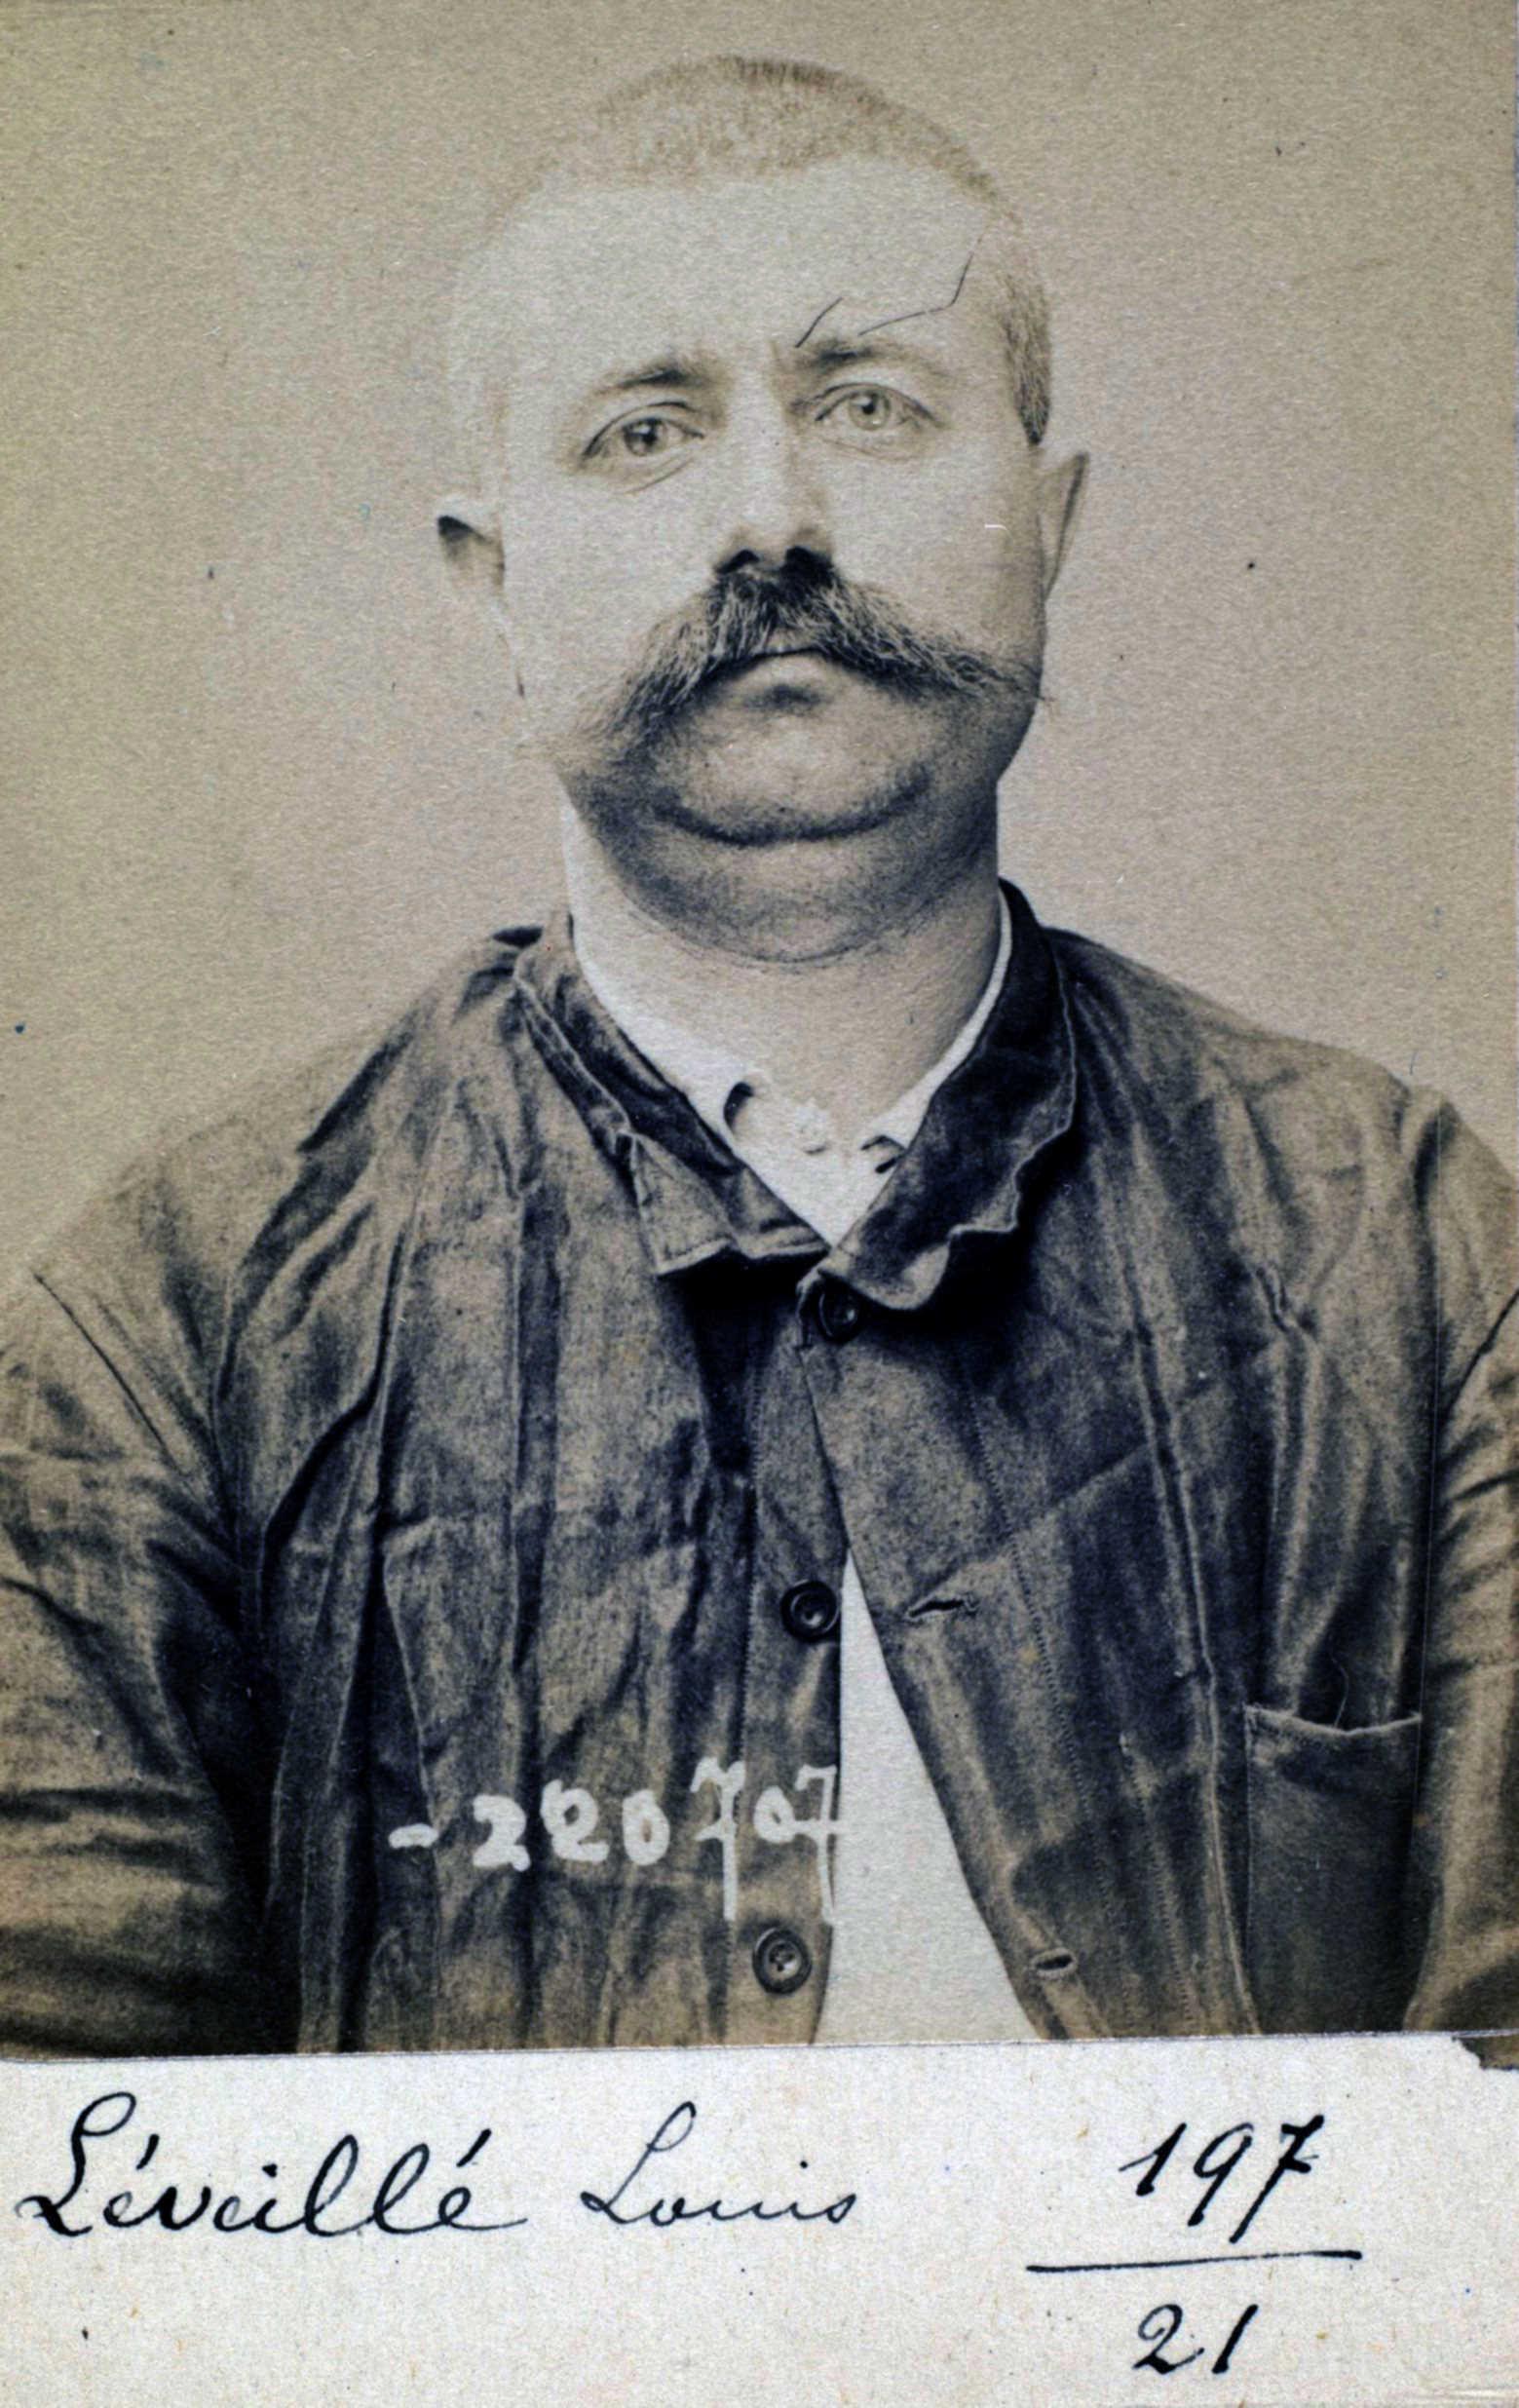 Foto policíaca de Louis Léveillé (7 de juliol de 1894)